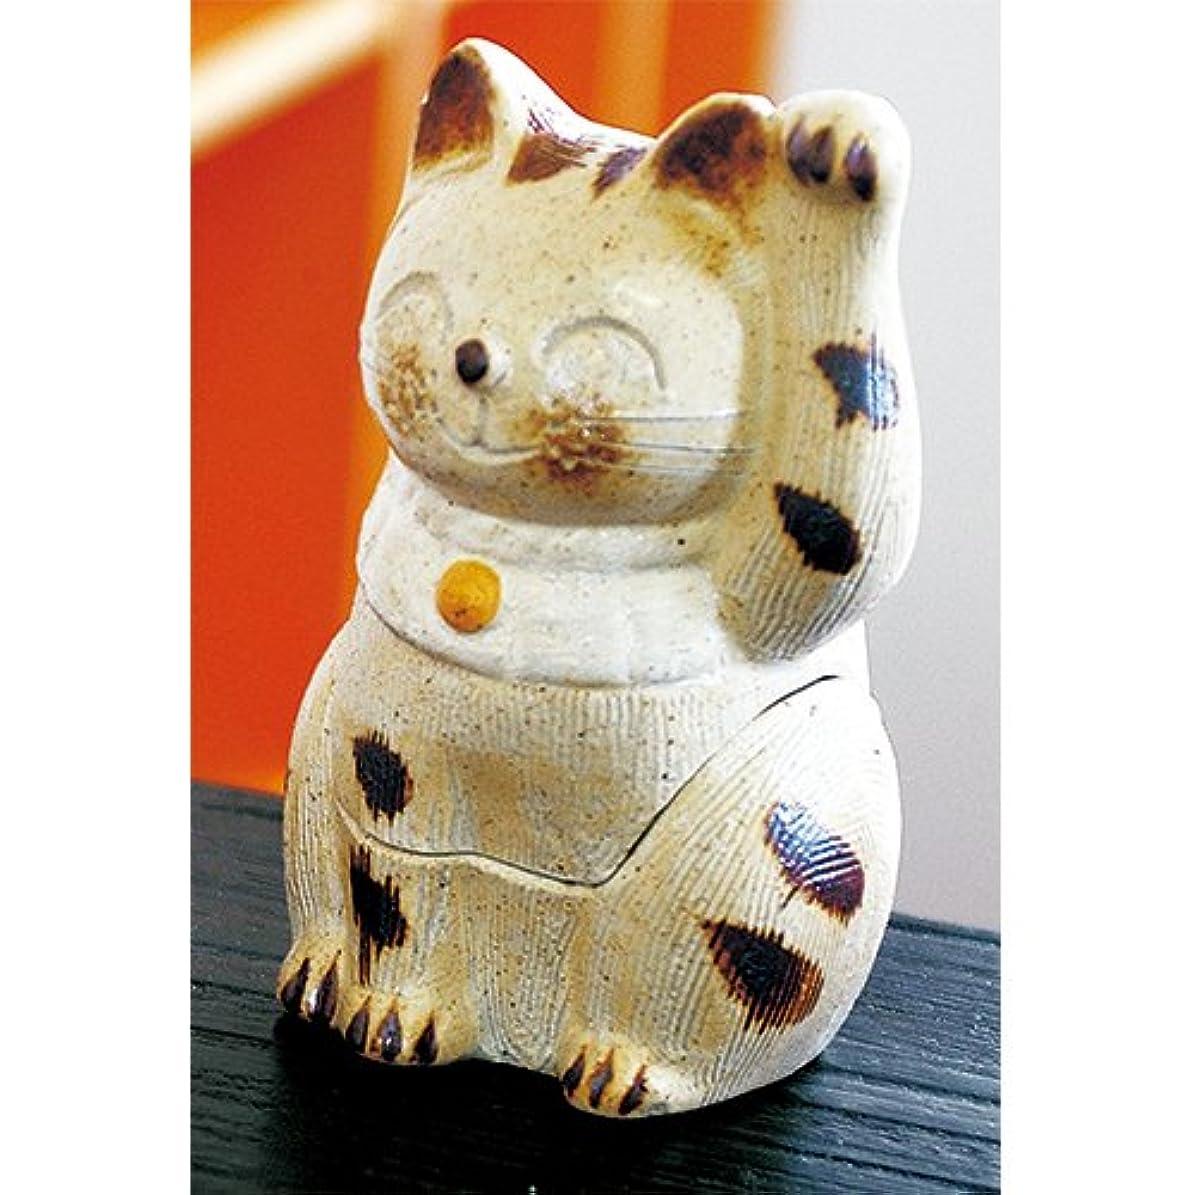 乱用見分ける請う香炉 ひとまねき猫 香炉(小) [H9.5cm] HANDMADE プレゼント ギフト 和食器 かわいい インテリア